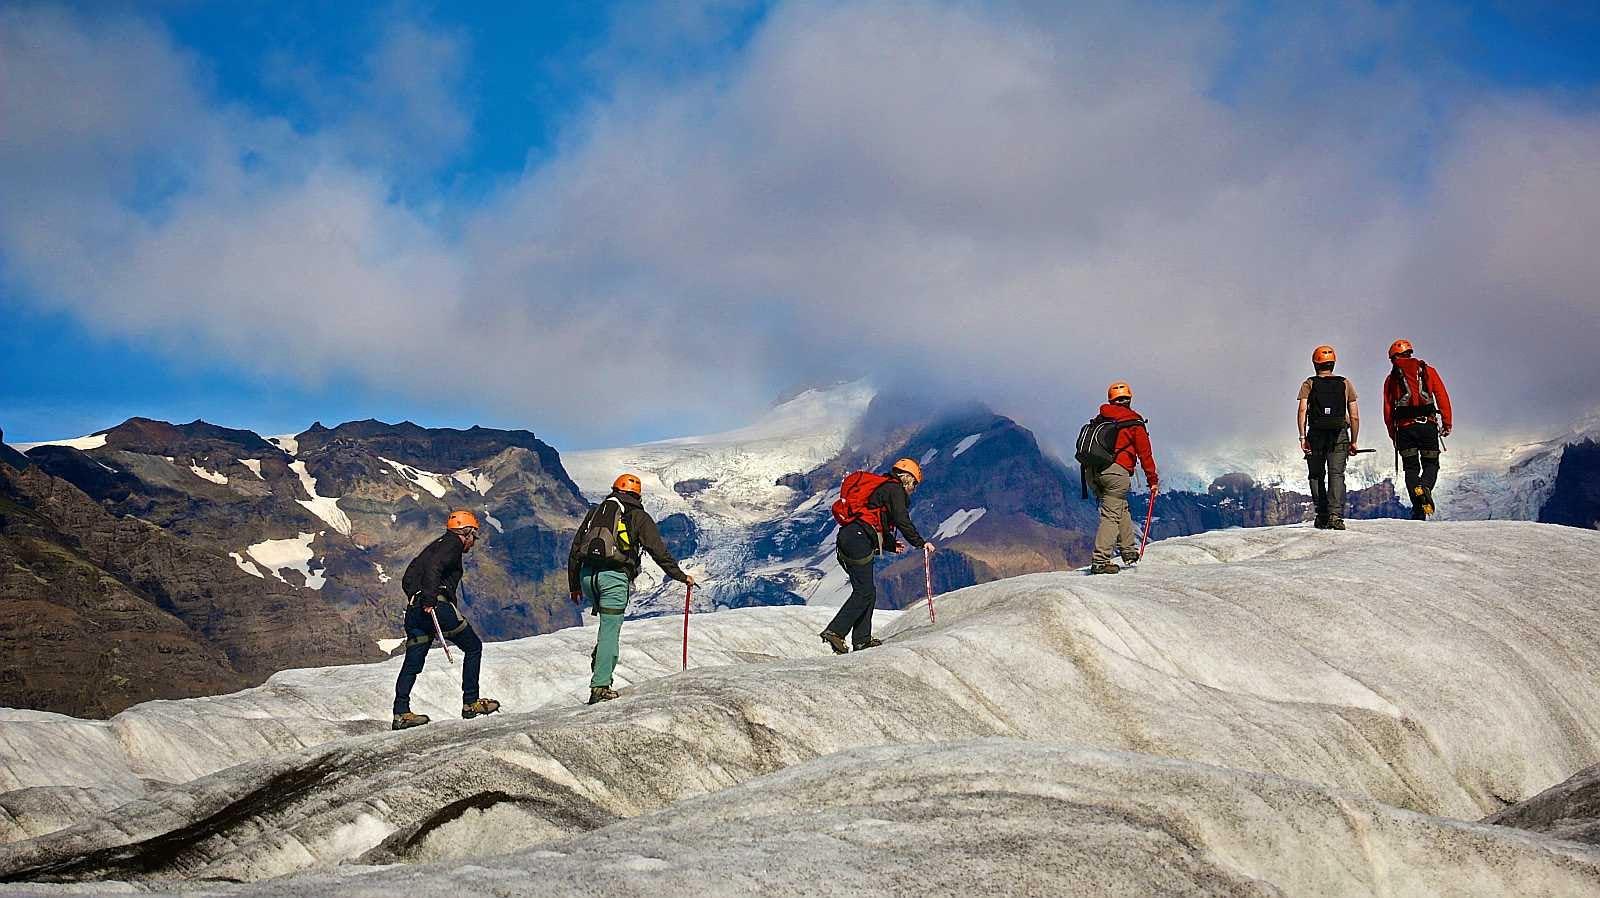 Профессиональный гид проведет вас по глубоким разломам мимо красивых ледяных скульптур.